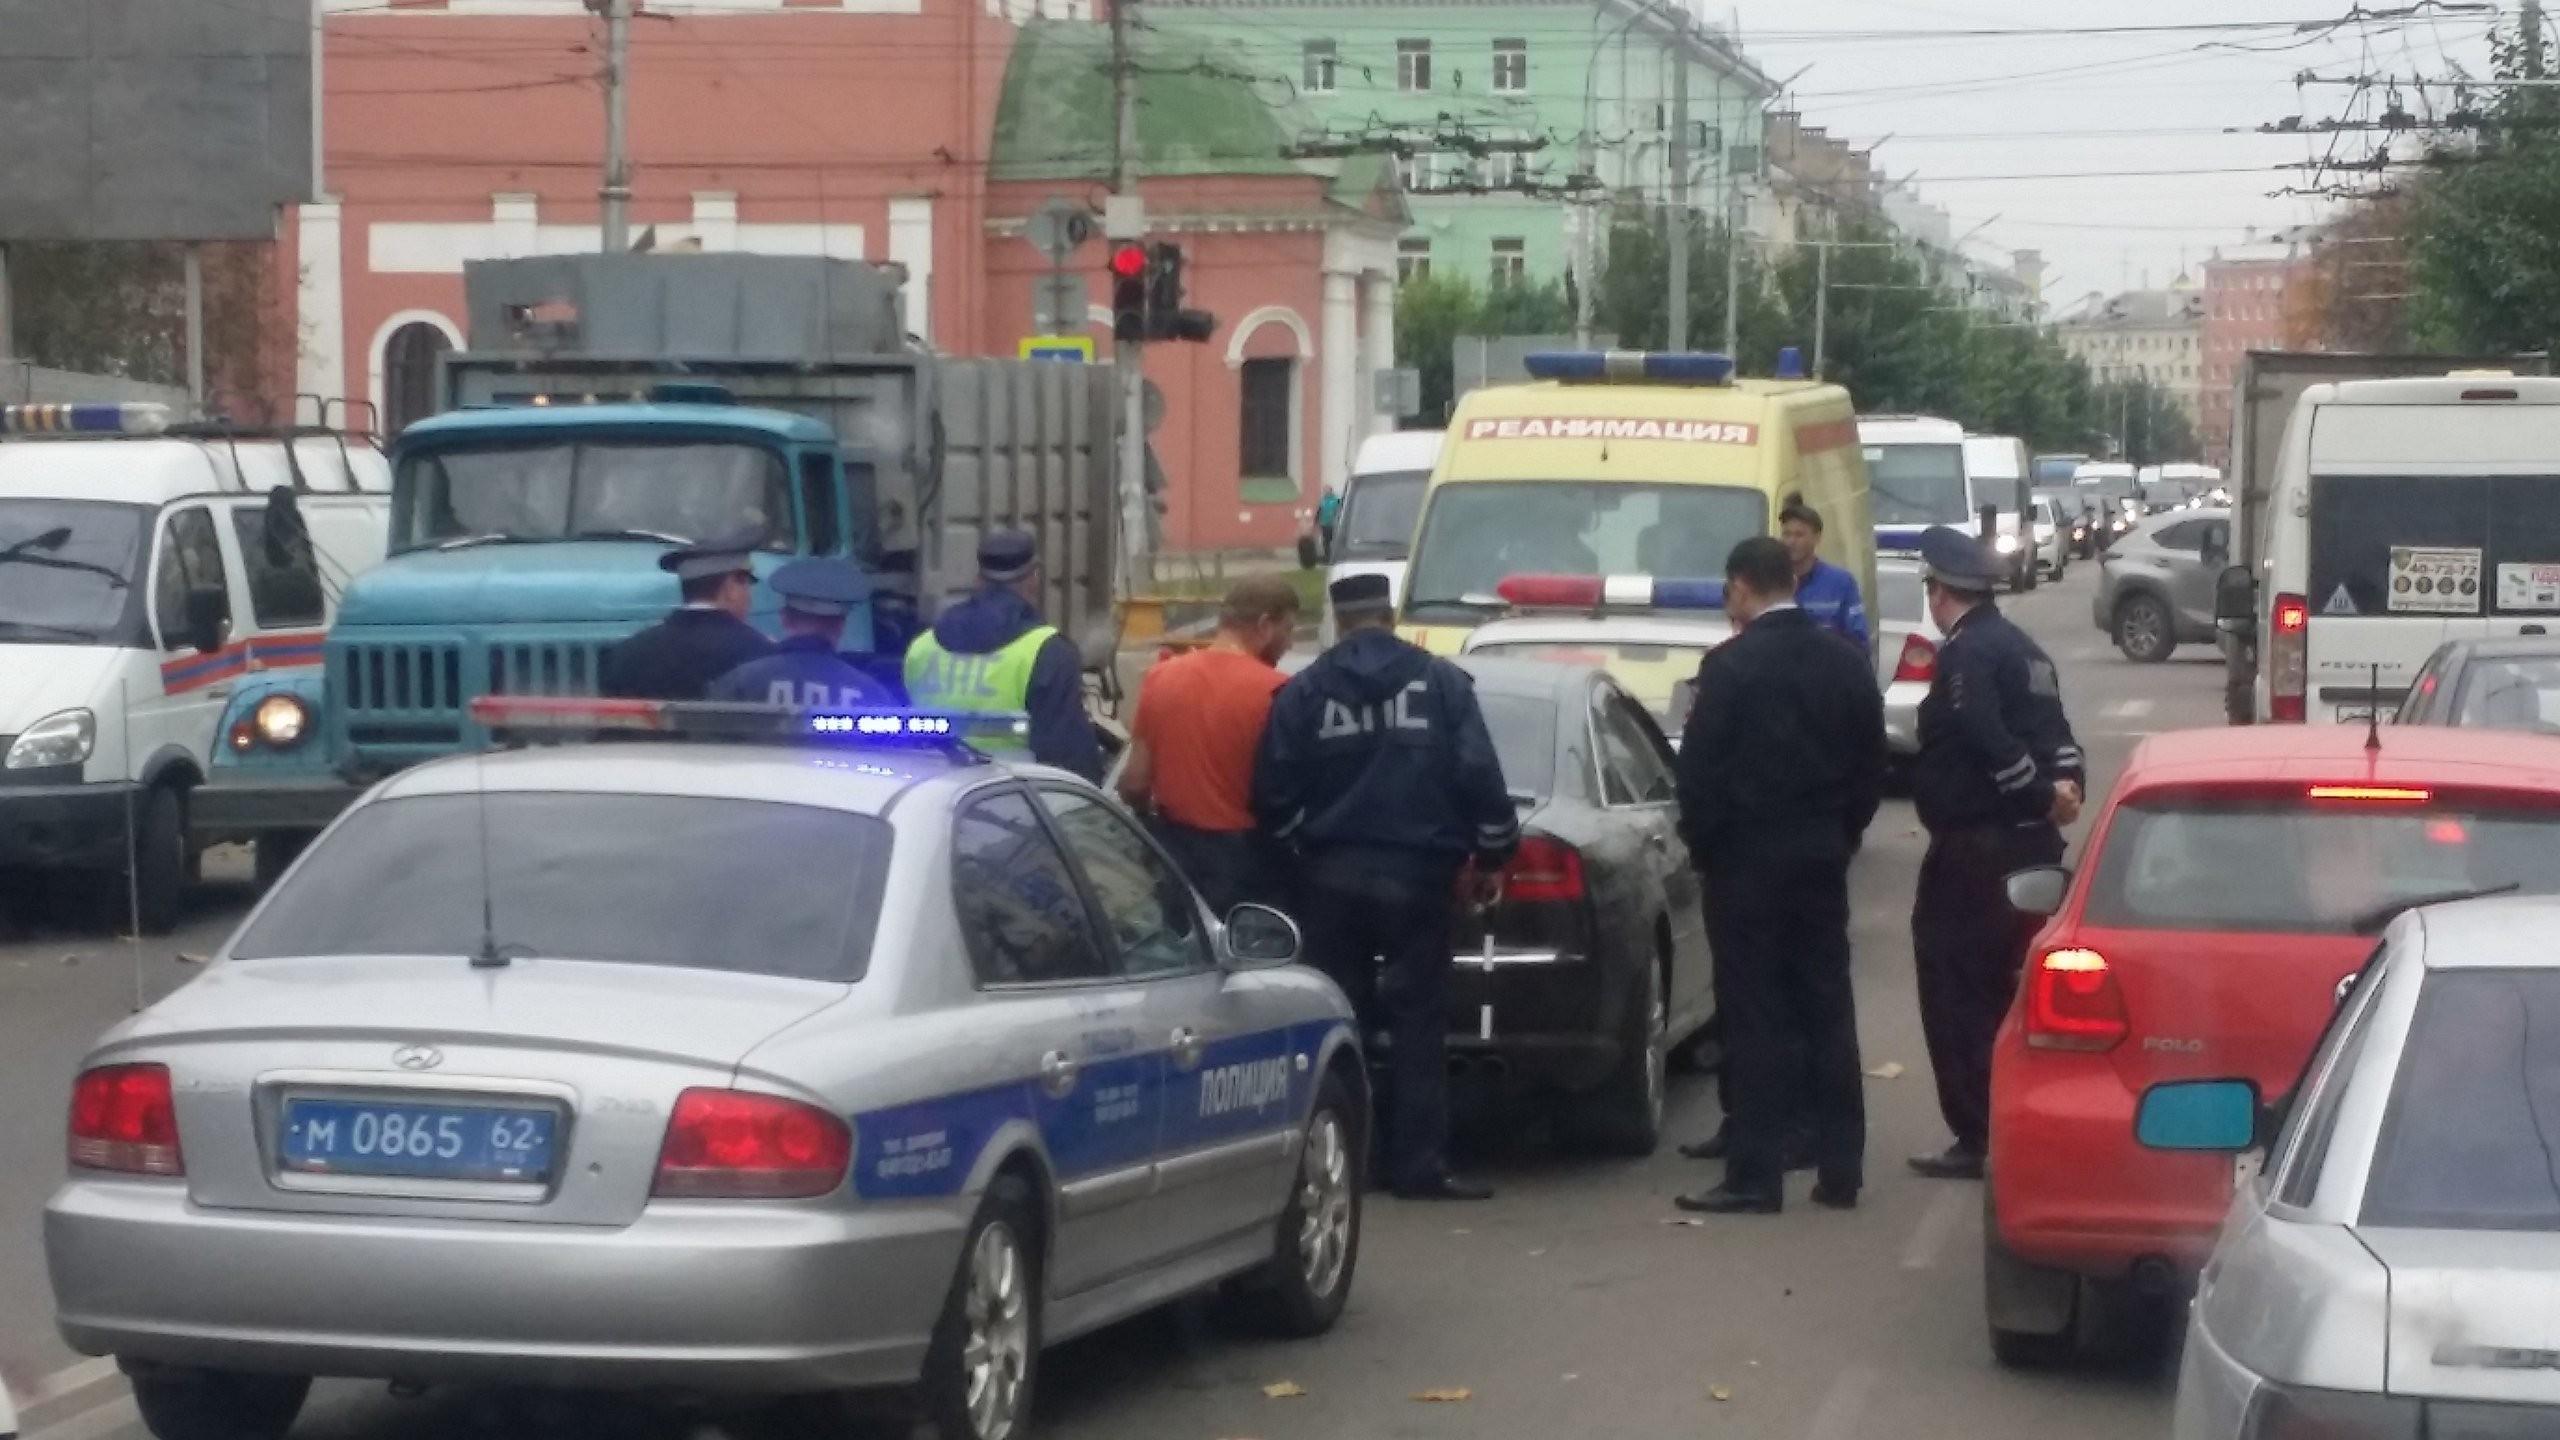 По предварительным сведениям, шофёр «Ауди», заблокировавший движение вдоль улицы Циолковского, был нетрезв